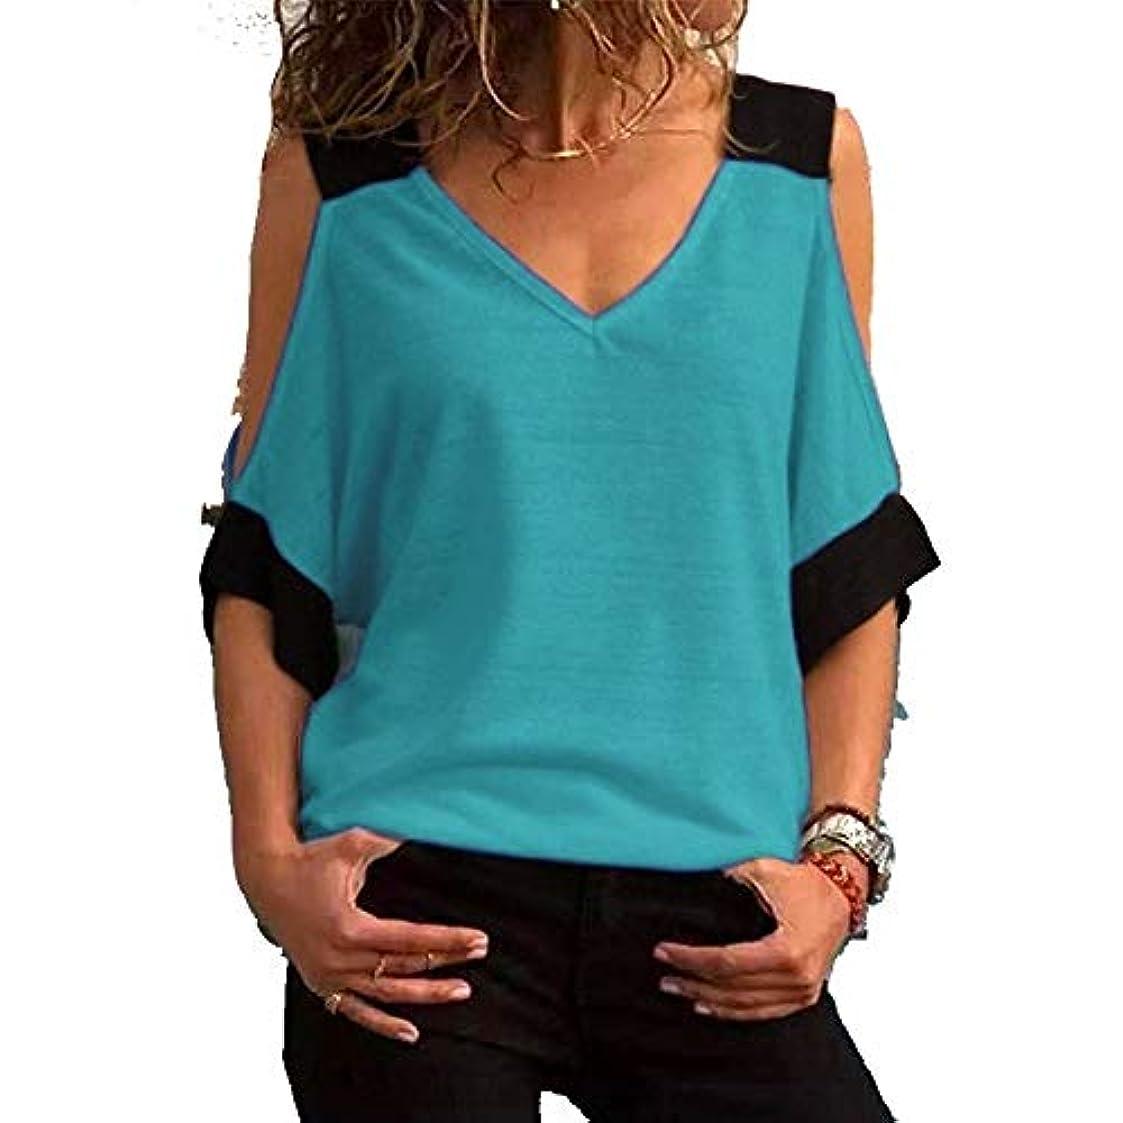 ジャケットキャンディーレイアMIFAN女性ファッションカジュアルトップス女性ショルダーブラウスコットンTシャツディープVネック半袖